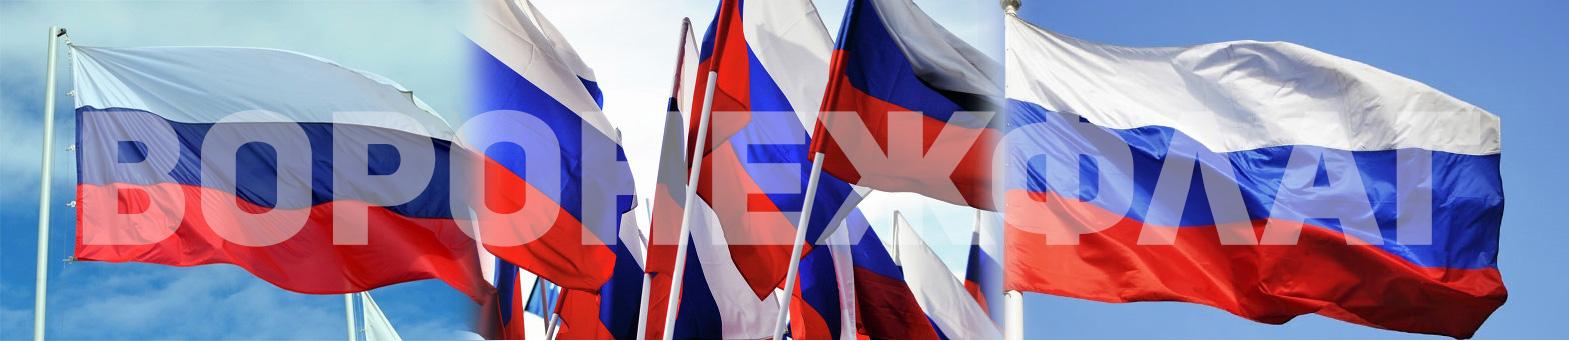 купить флаг россии в Воронеже